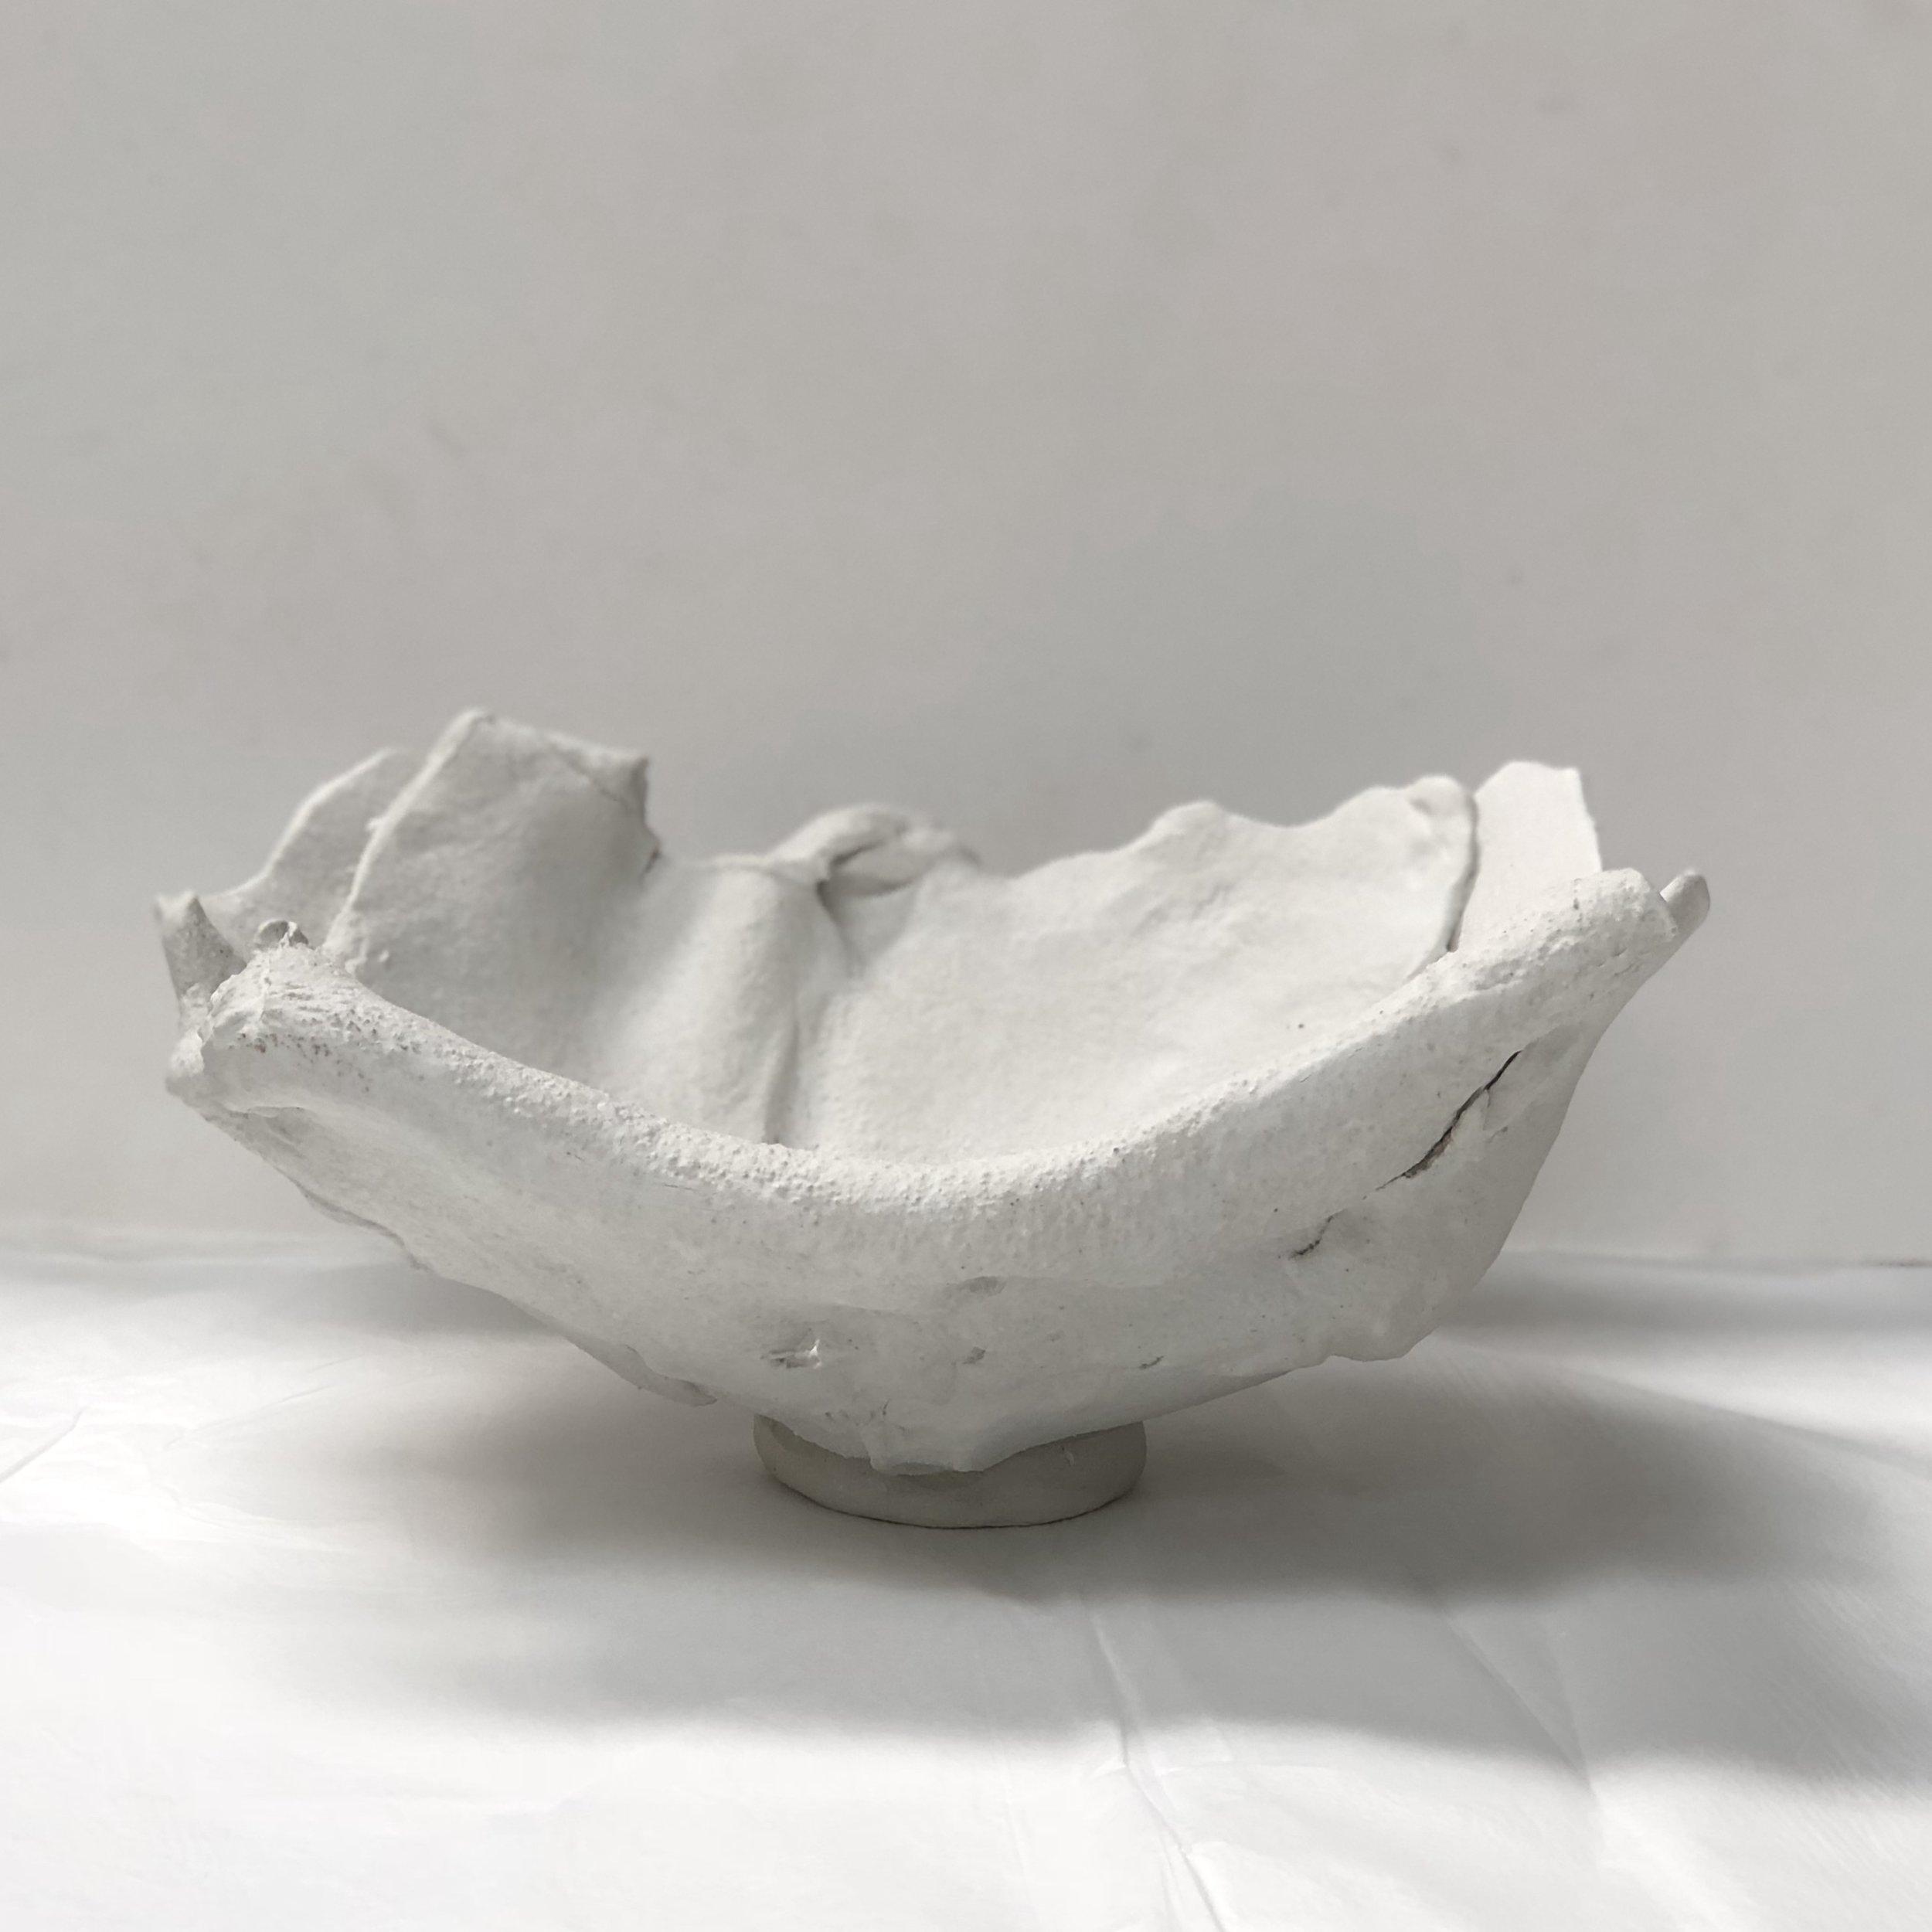 John Heaney  White bowl  2017 stoneware $350.00